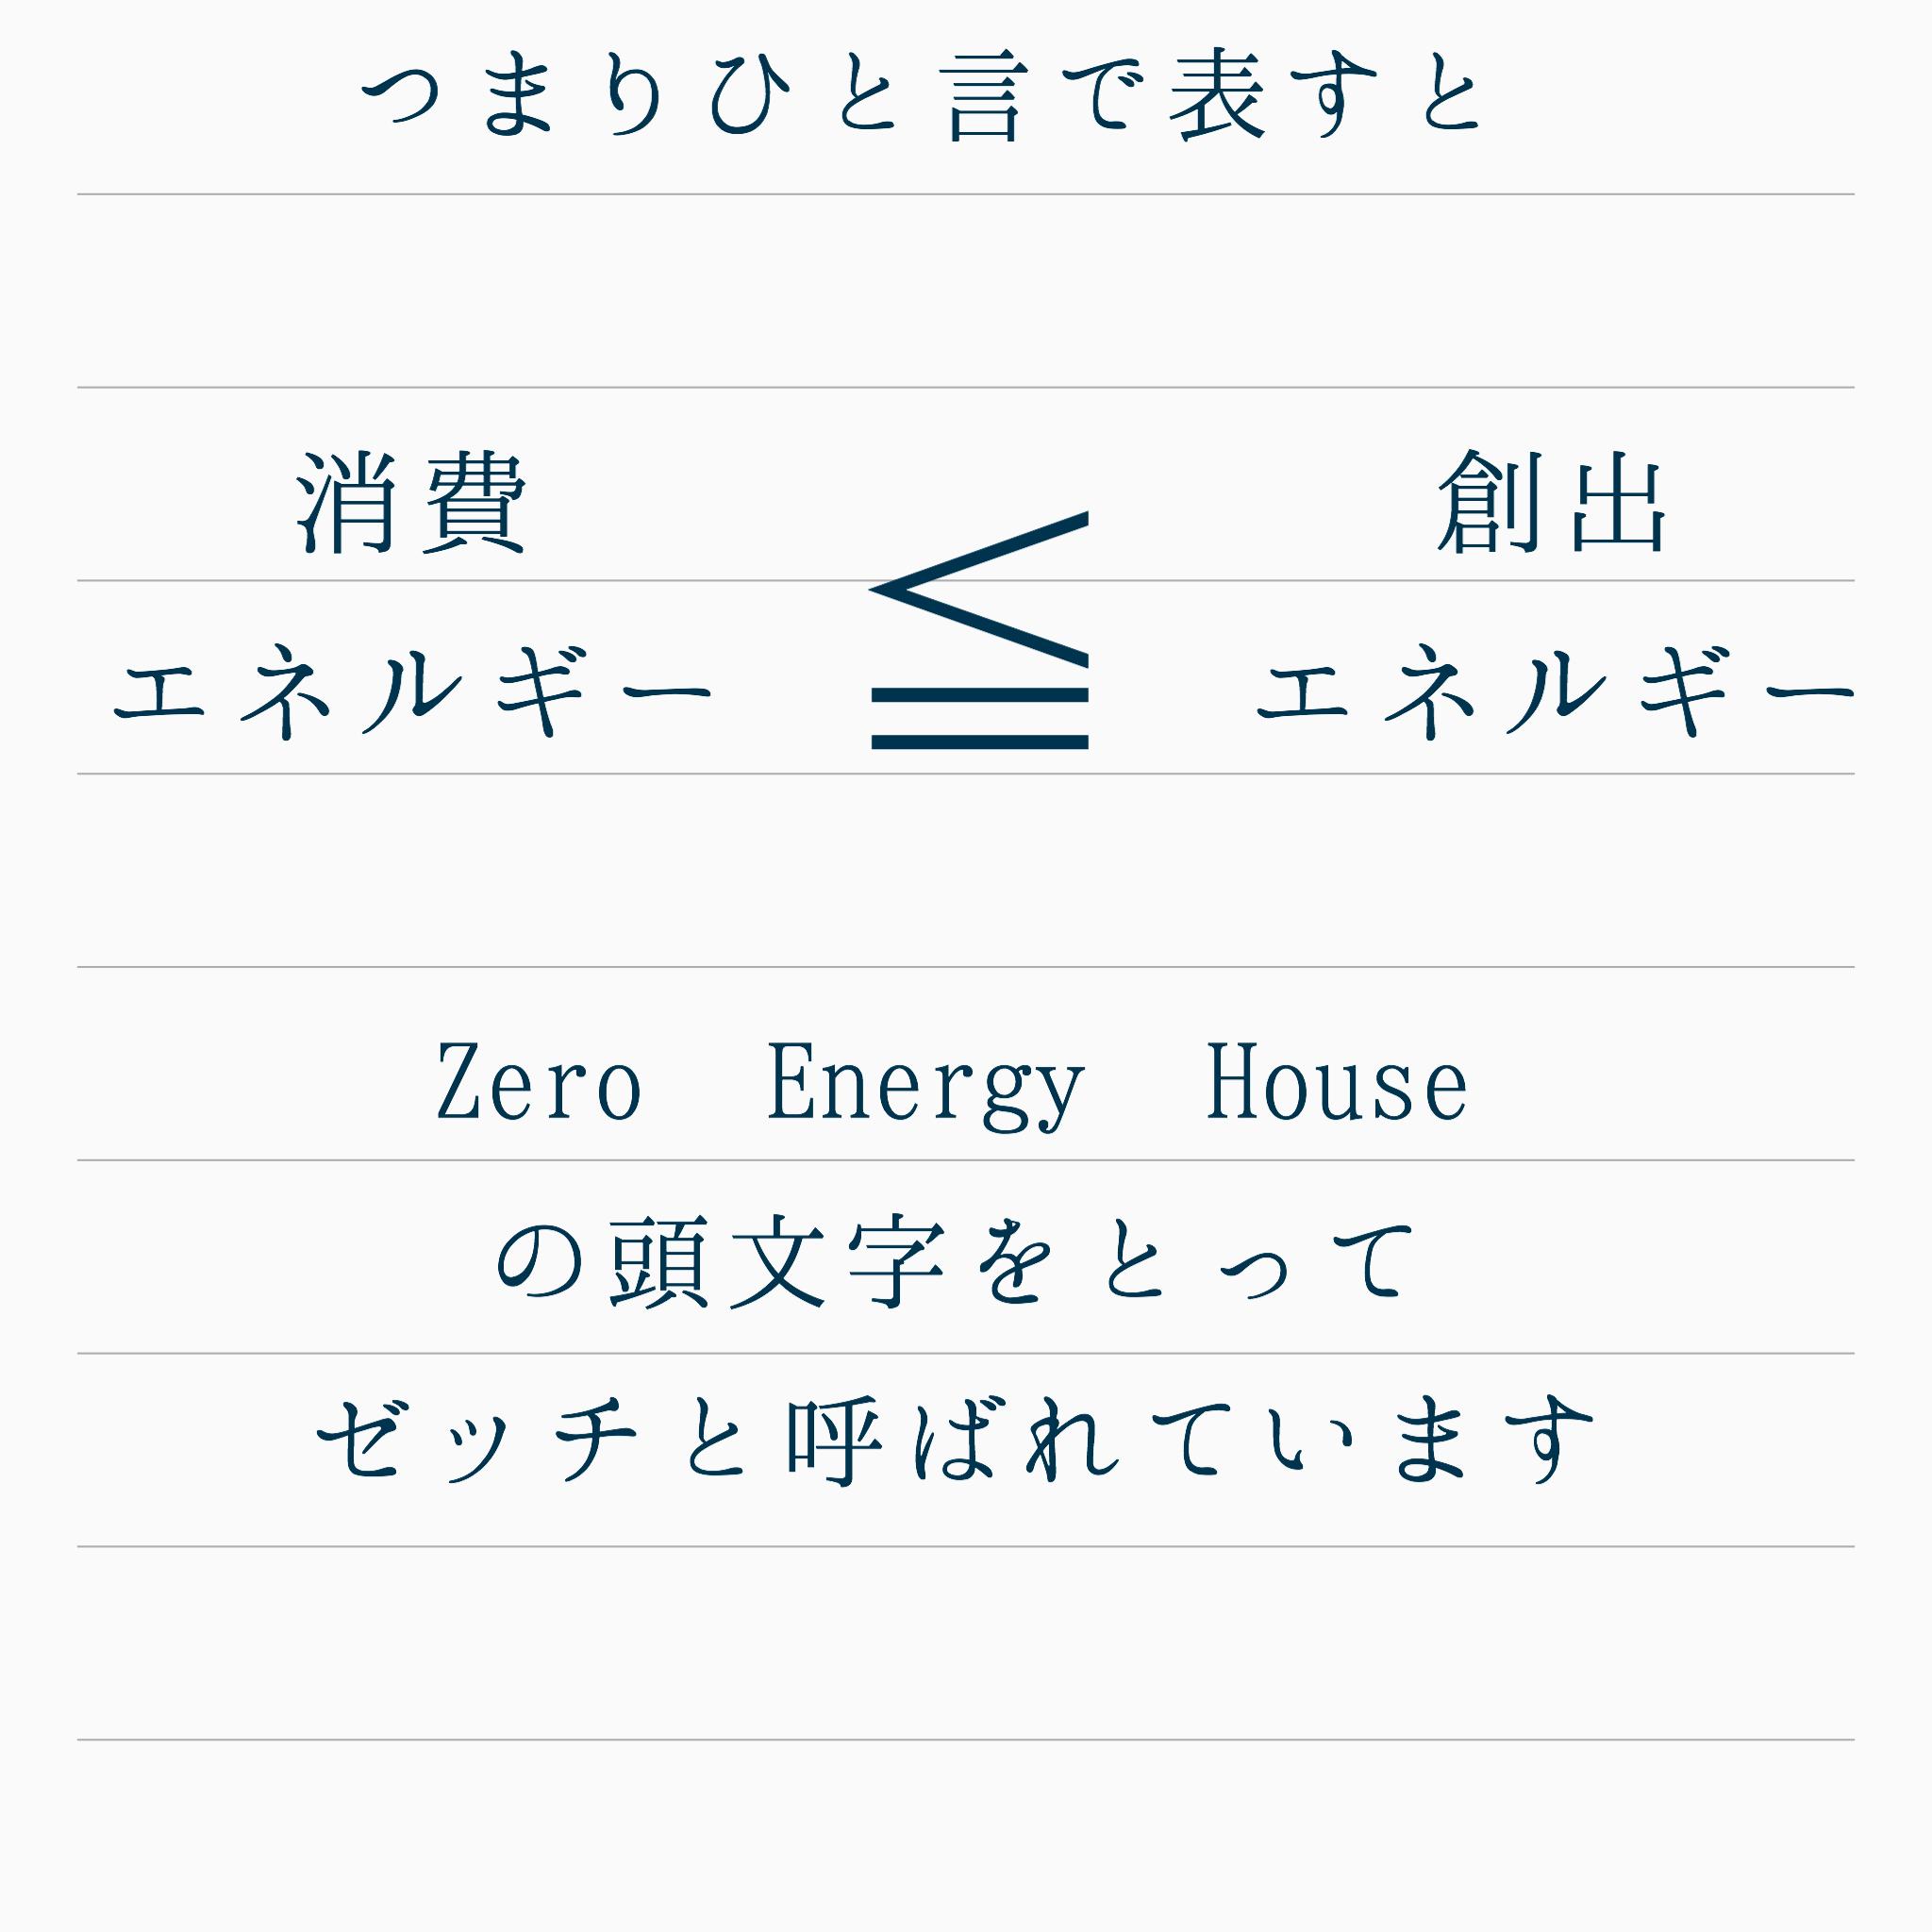 つまり 消費エネルギー≦創出エネルギー